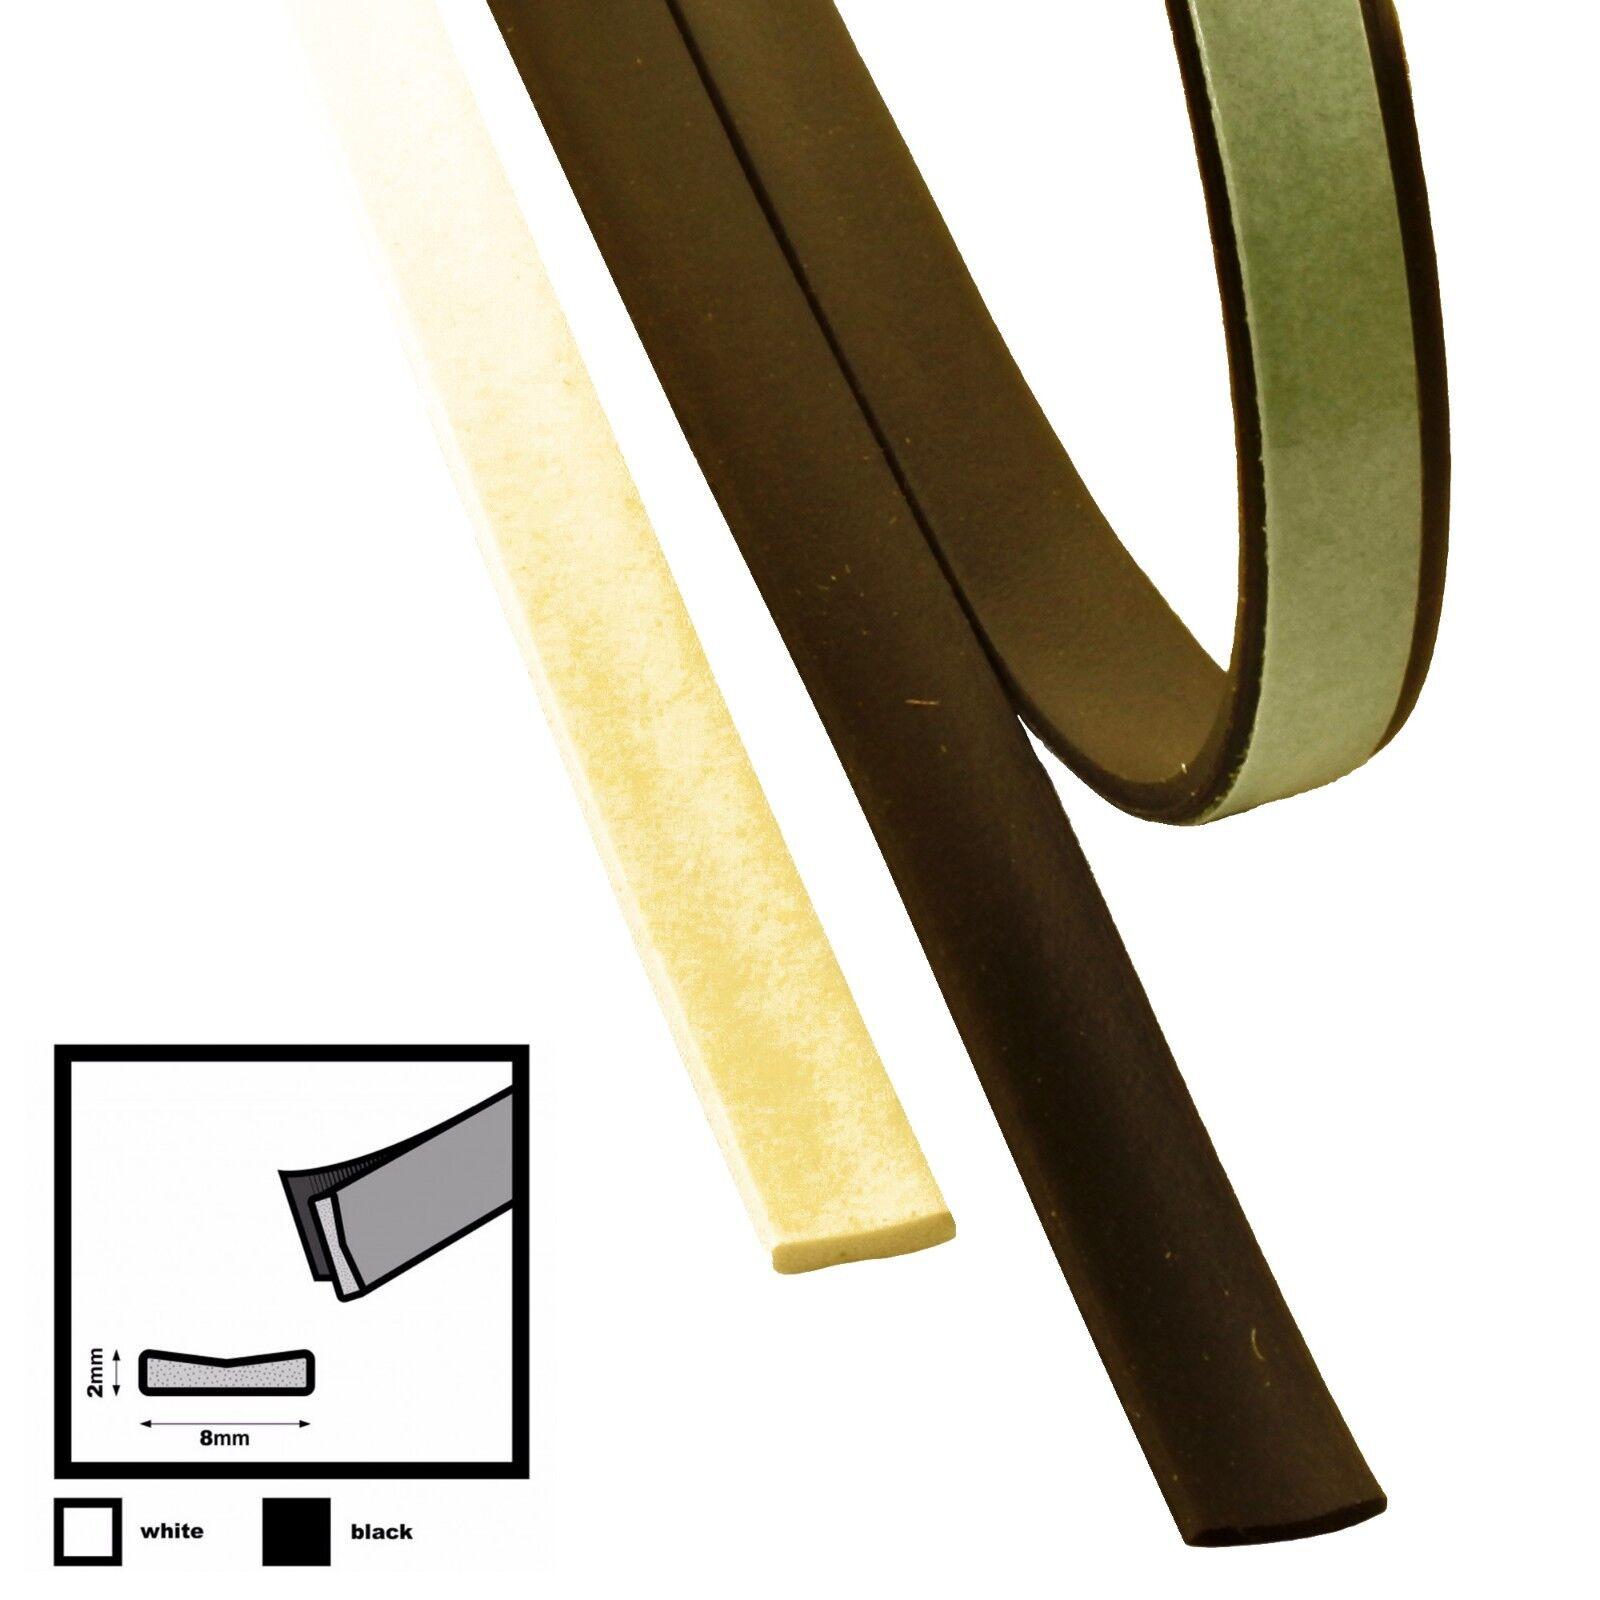 I 8mm x 2mm     Fensterdichtung Türdichtung SELBSTKLEBEND EPDM schwarz weiß   Meistverkaufte weltweit  3c013d